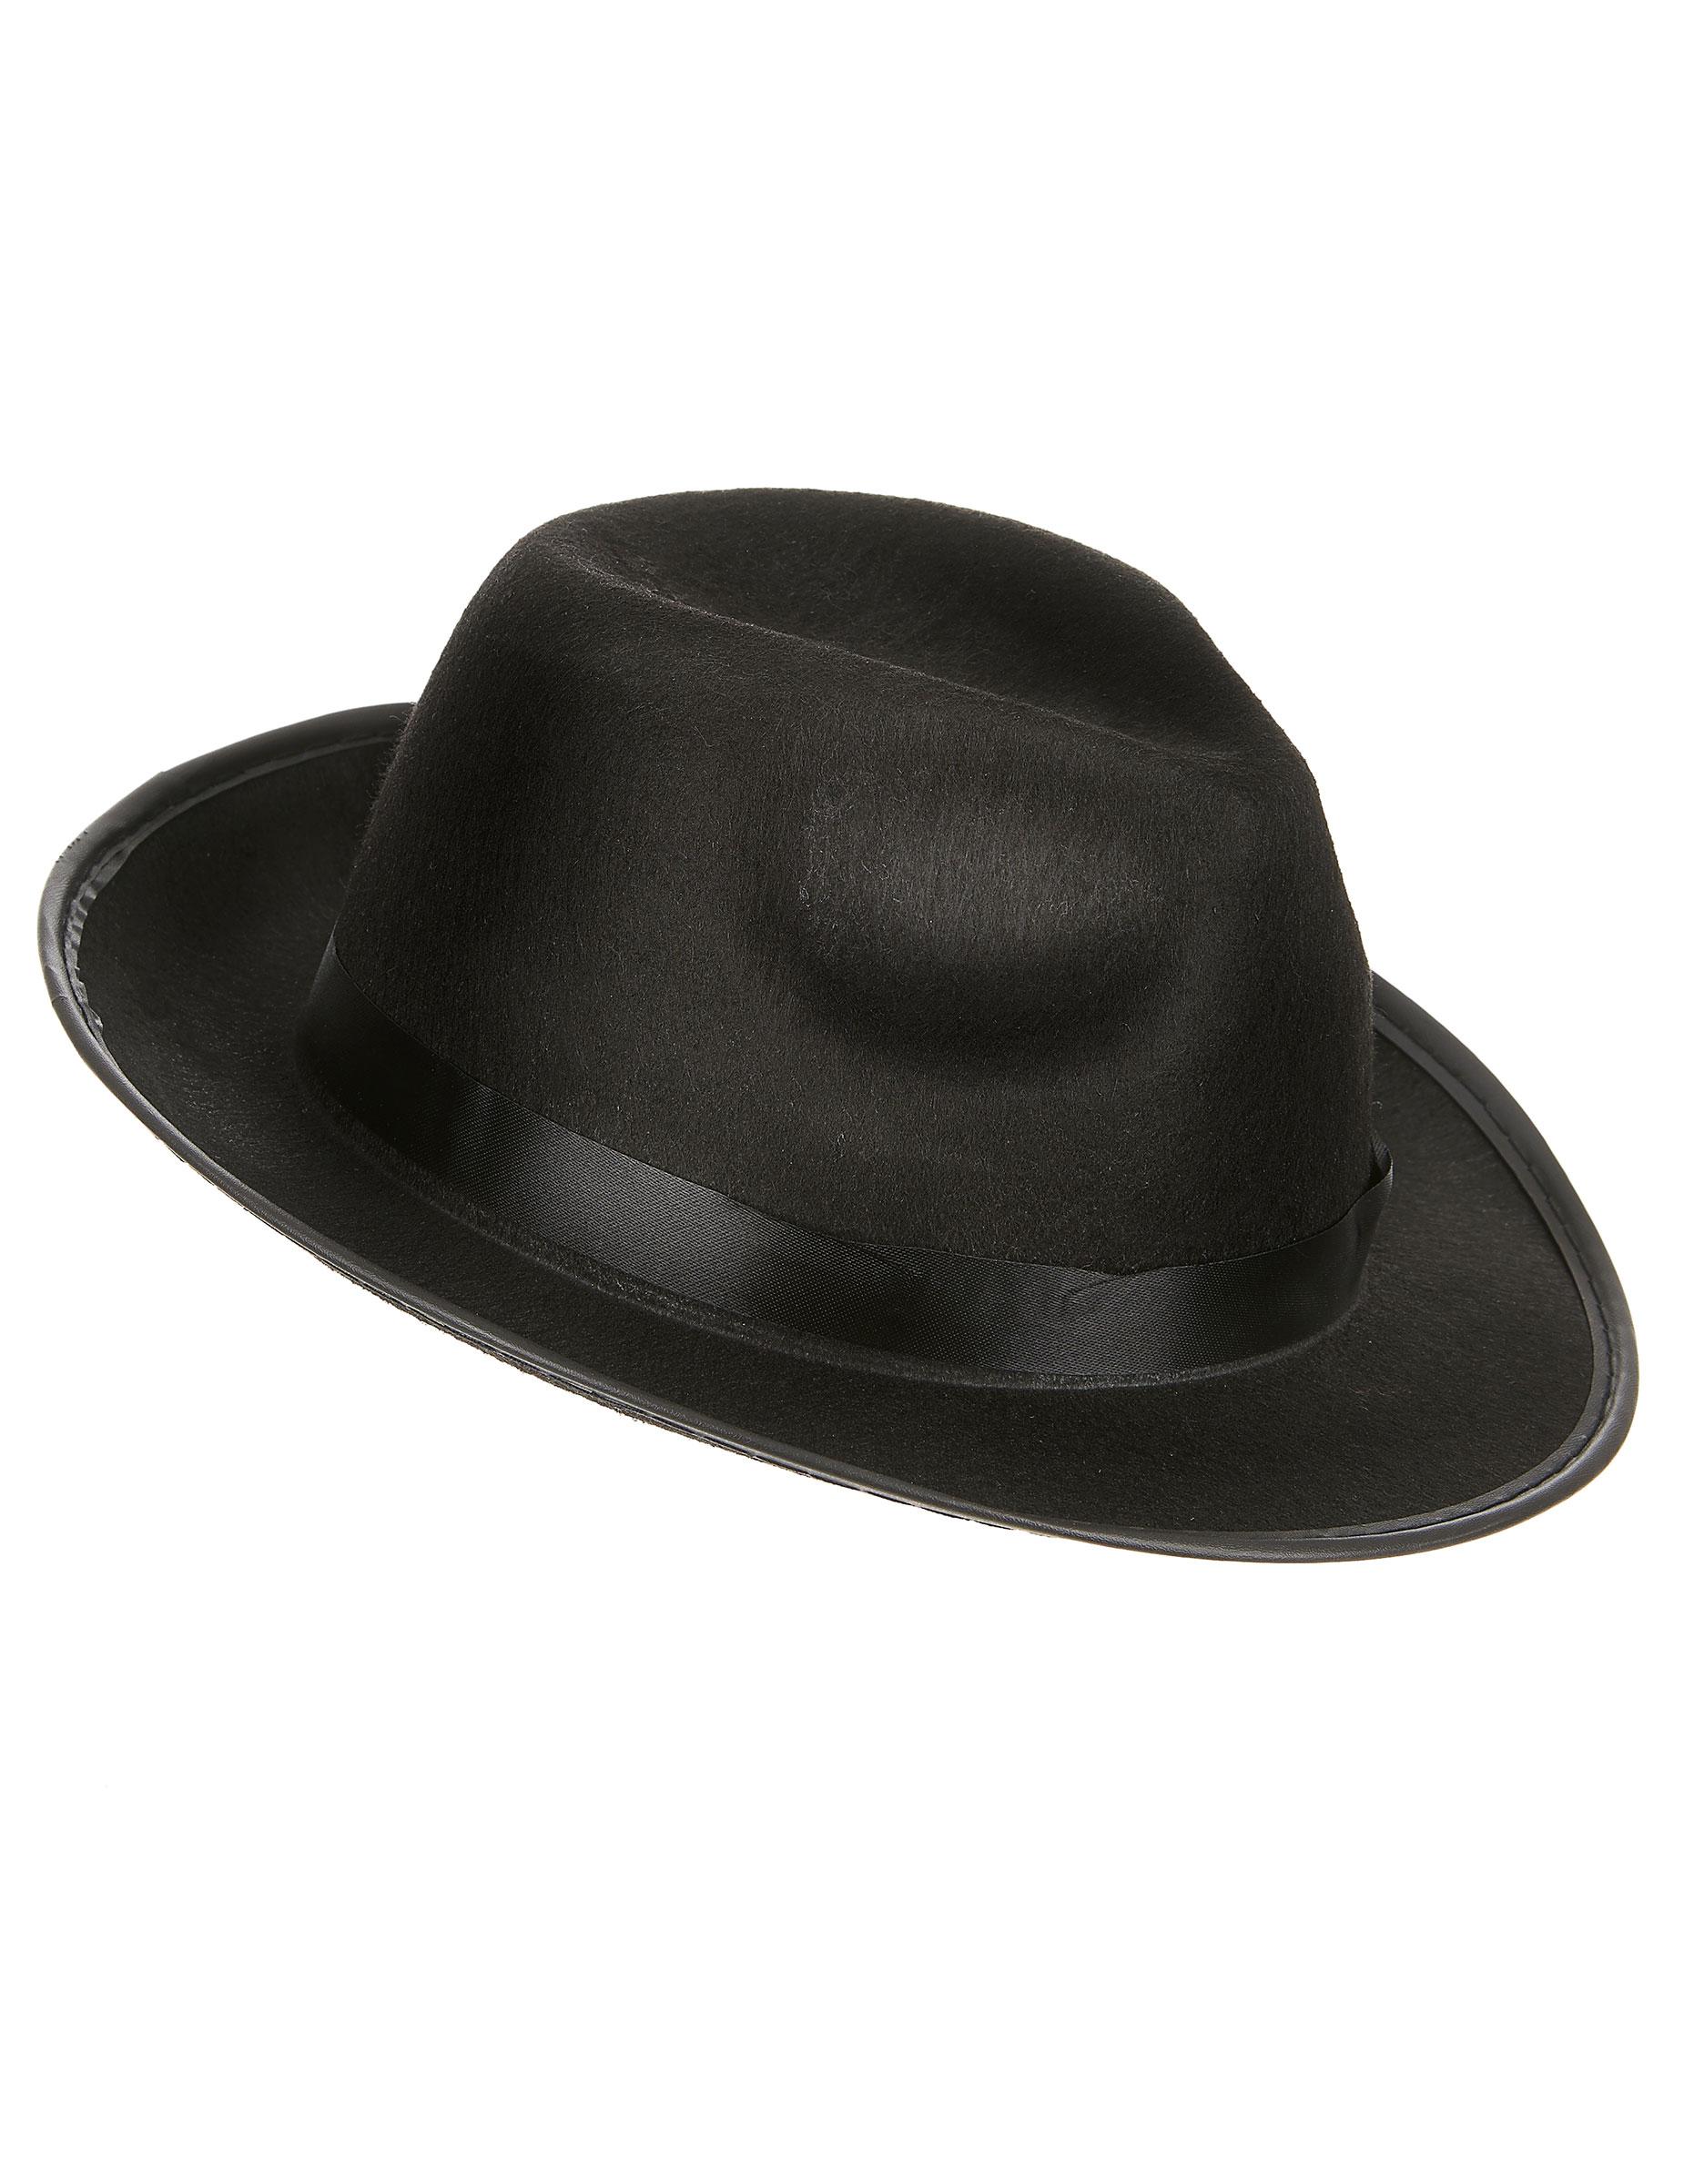 Cappello borsalino nero per adulti 1ea190f58aaf